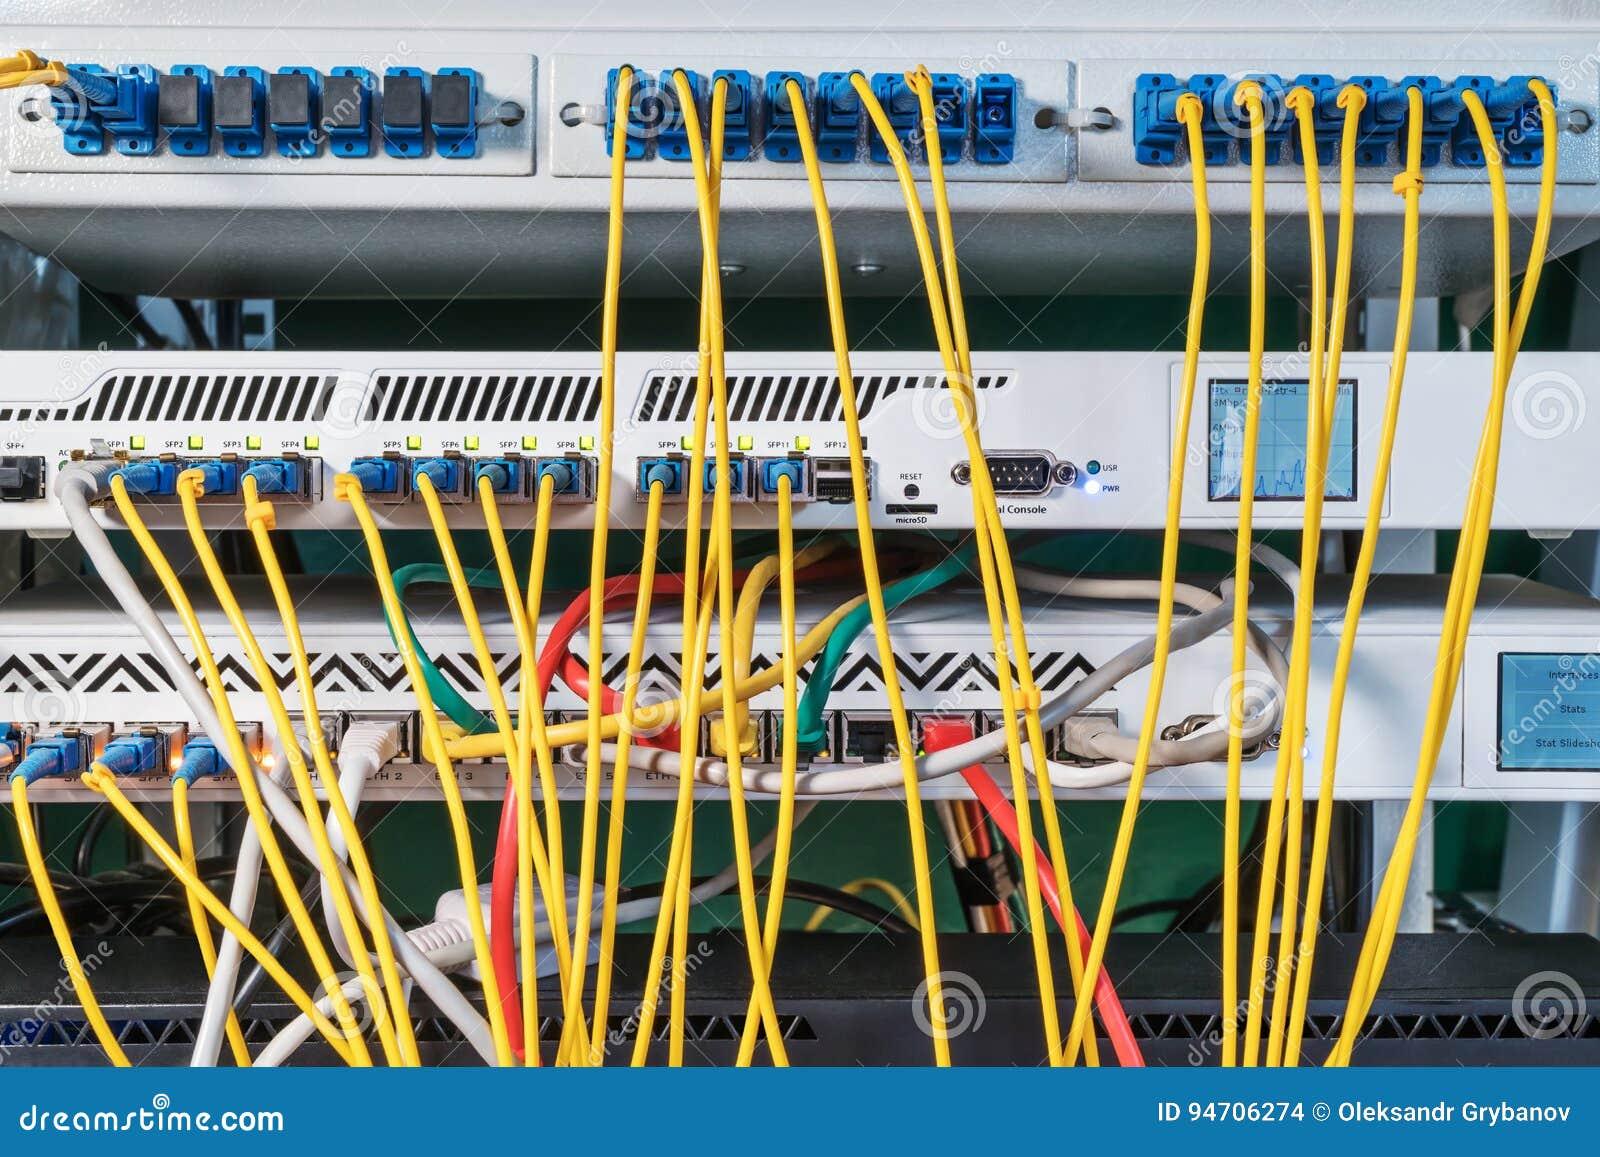 Centre de traitement des données avec des fils et des connecteurs